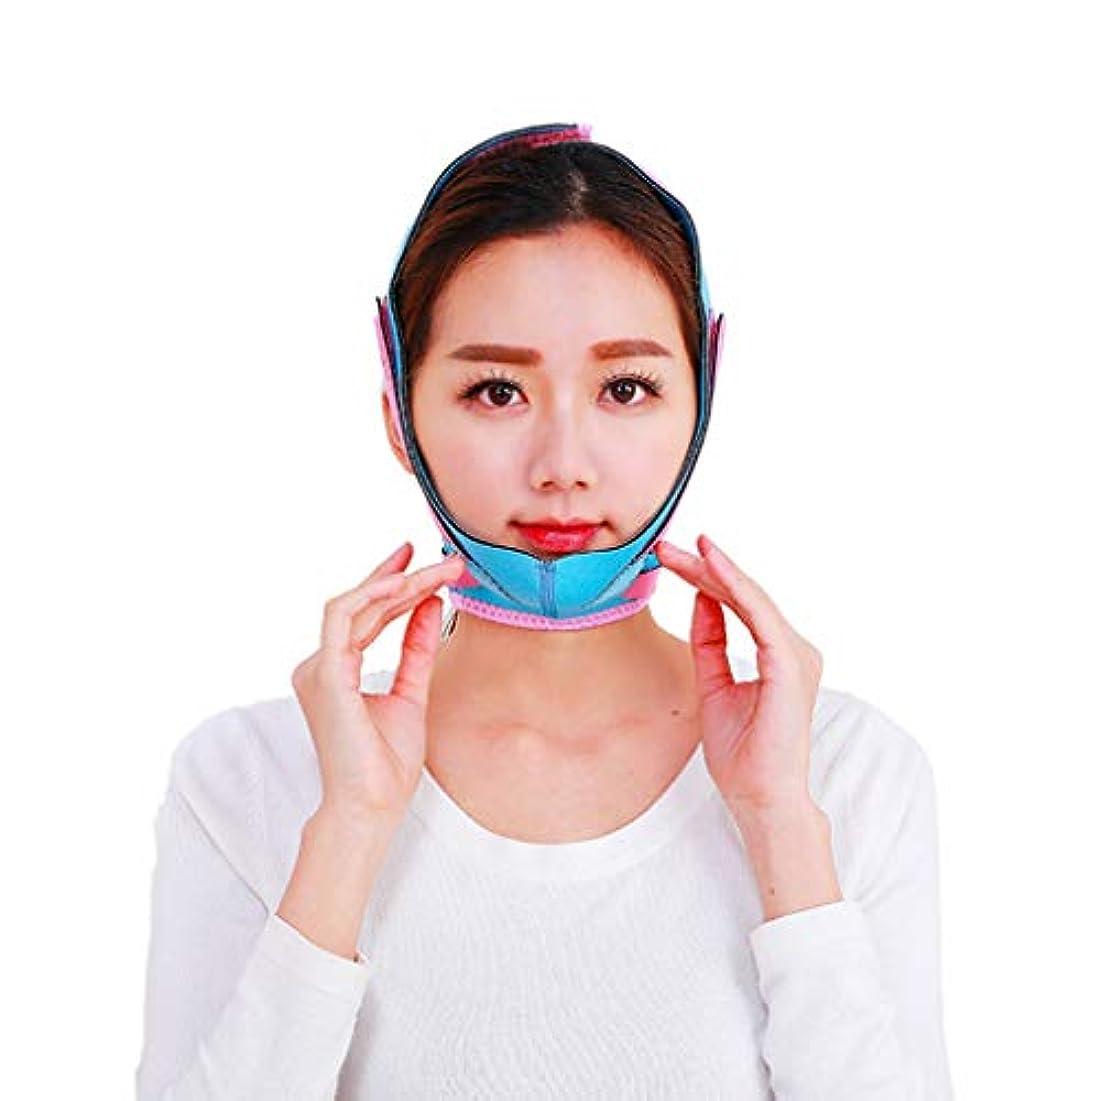 ガス入口北米顔-リフティングマスクは、たるみの筋肉や引き締まった肌の弾力性を和らげるために輪郭を強化する V フェイス包帯